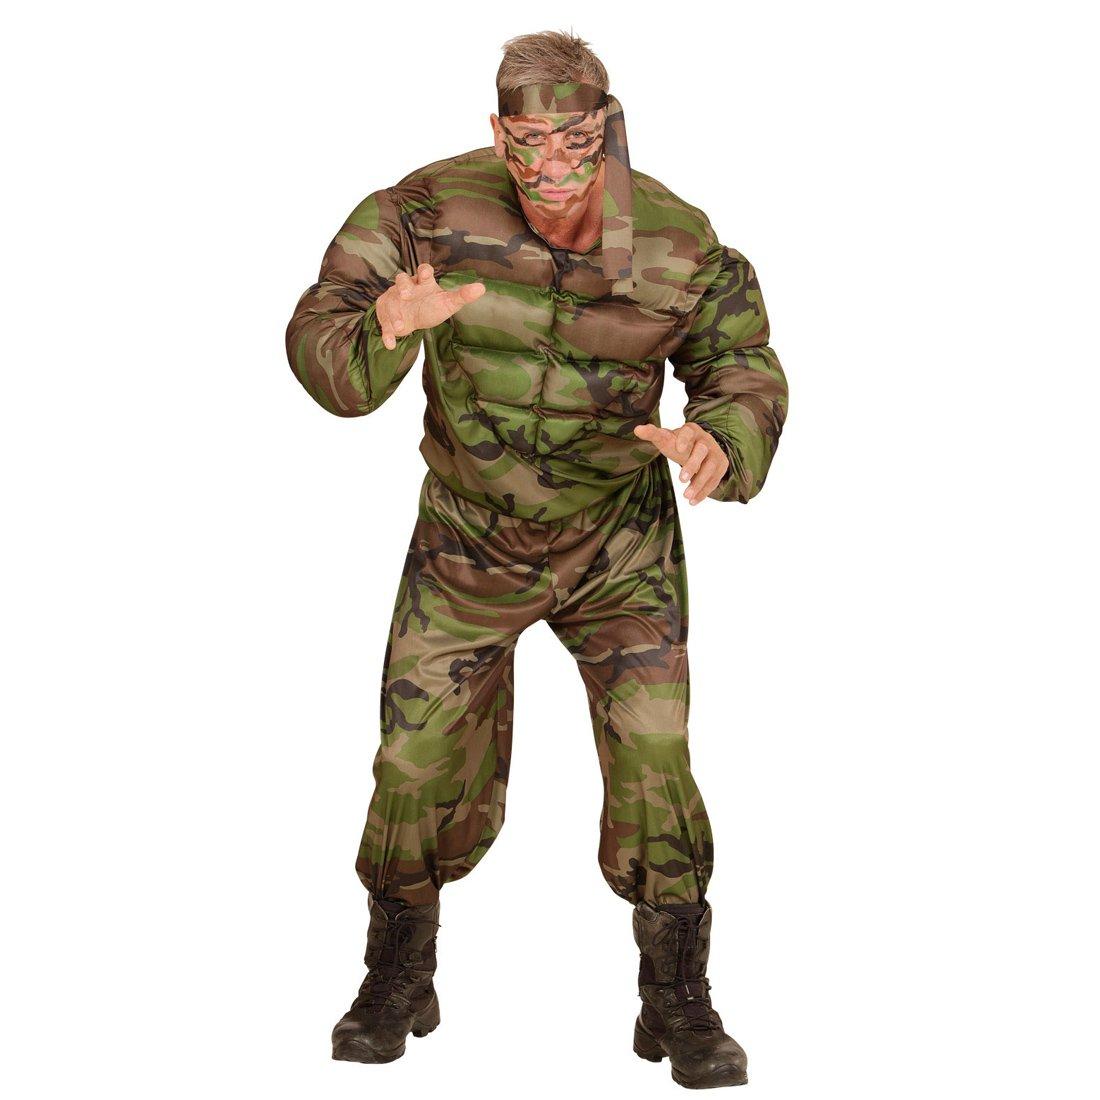 NET TOYS Disfraz Soldado musculoso Traje Hombre Militar L 52 Atuendo Fuerza Armada Vestimenta con músculos del ejército Outfit Guerrero Ropa varón Fuerzas Armadas: Amazon.es: Juguetes y juegos